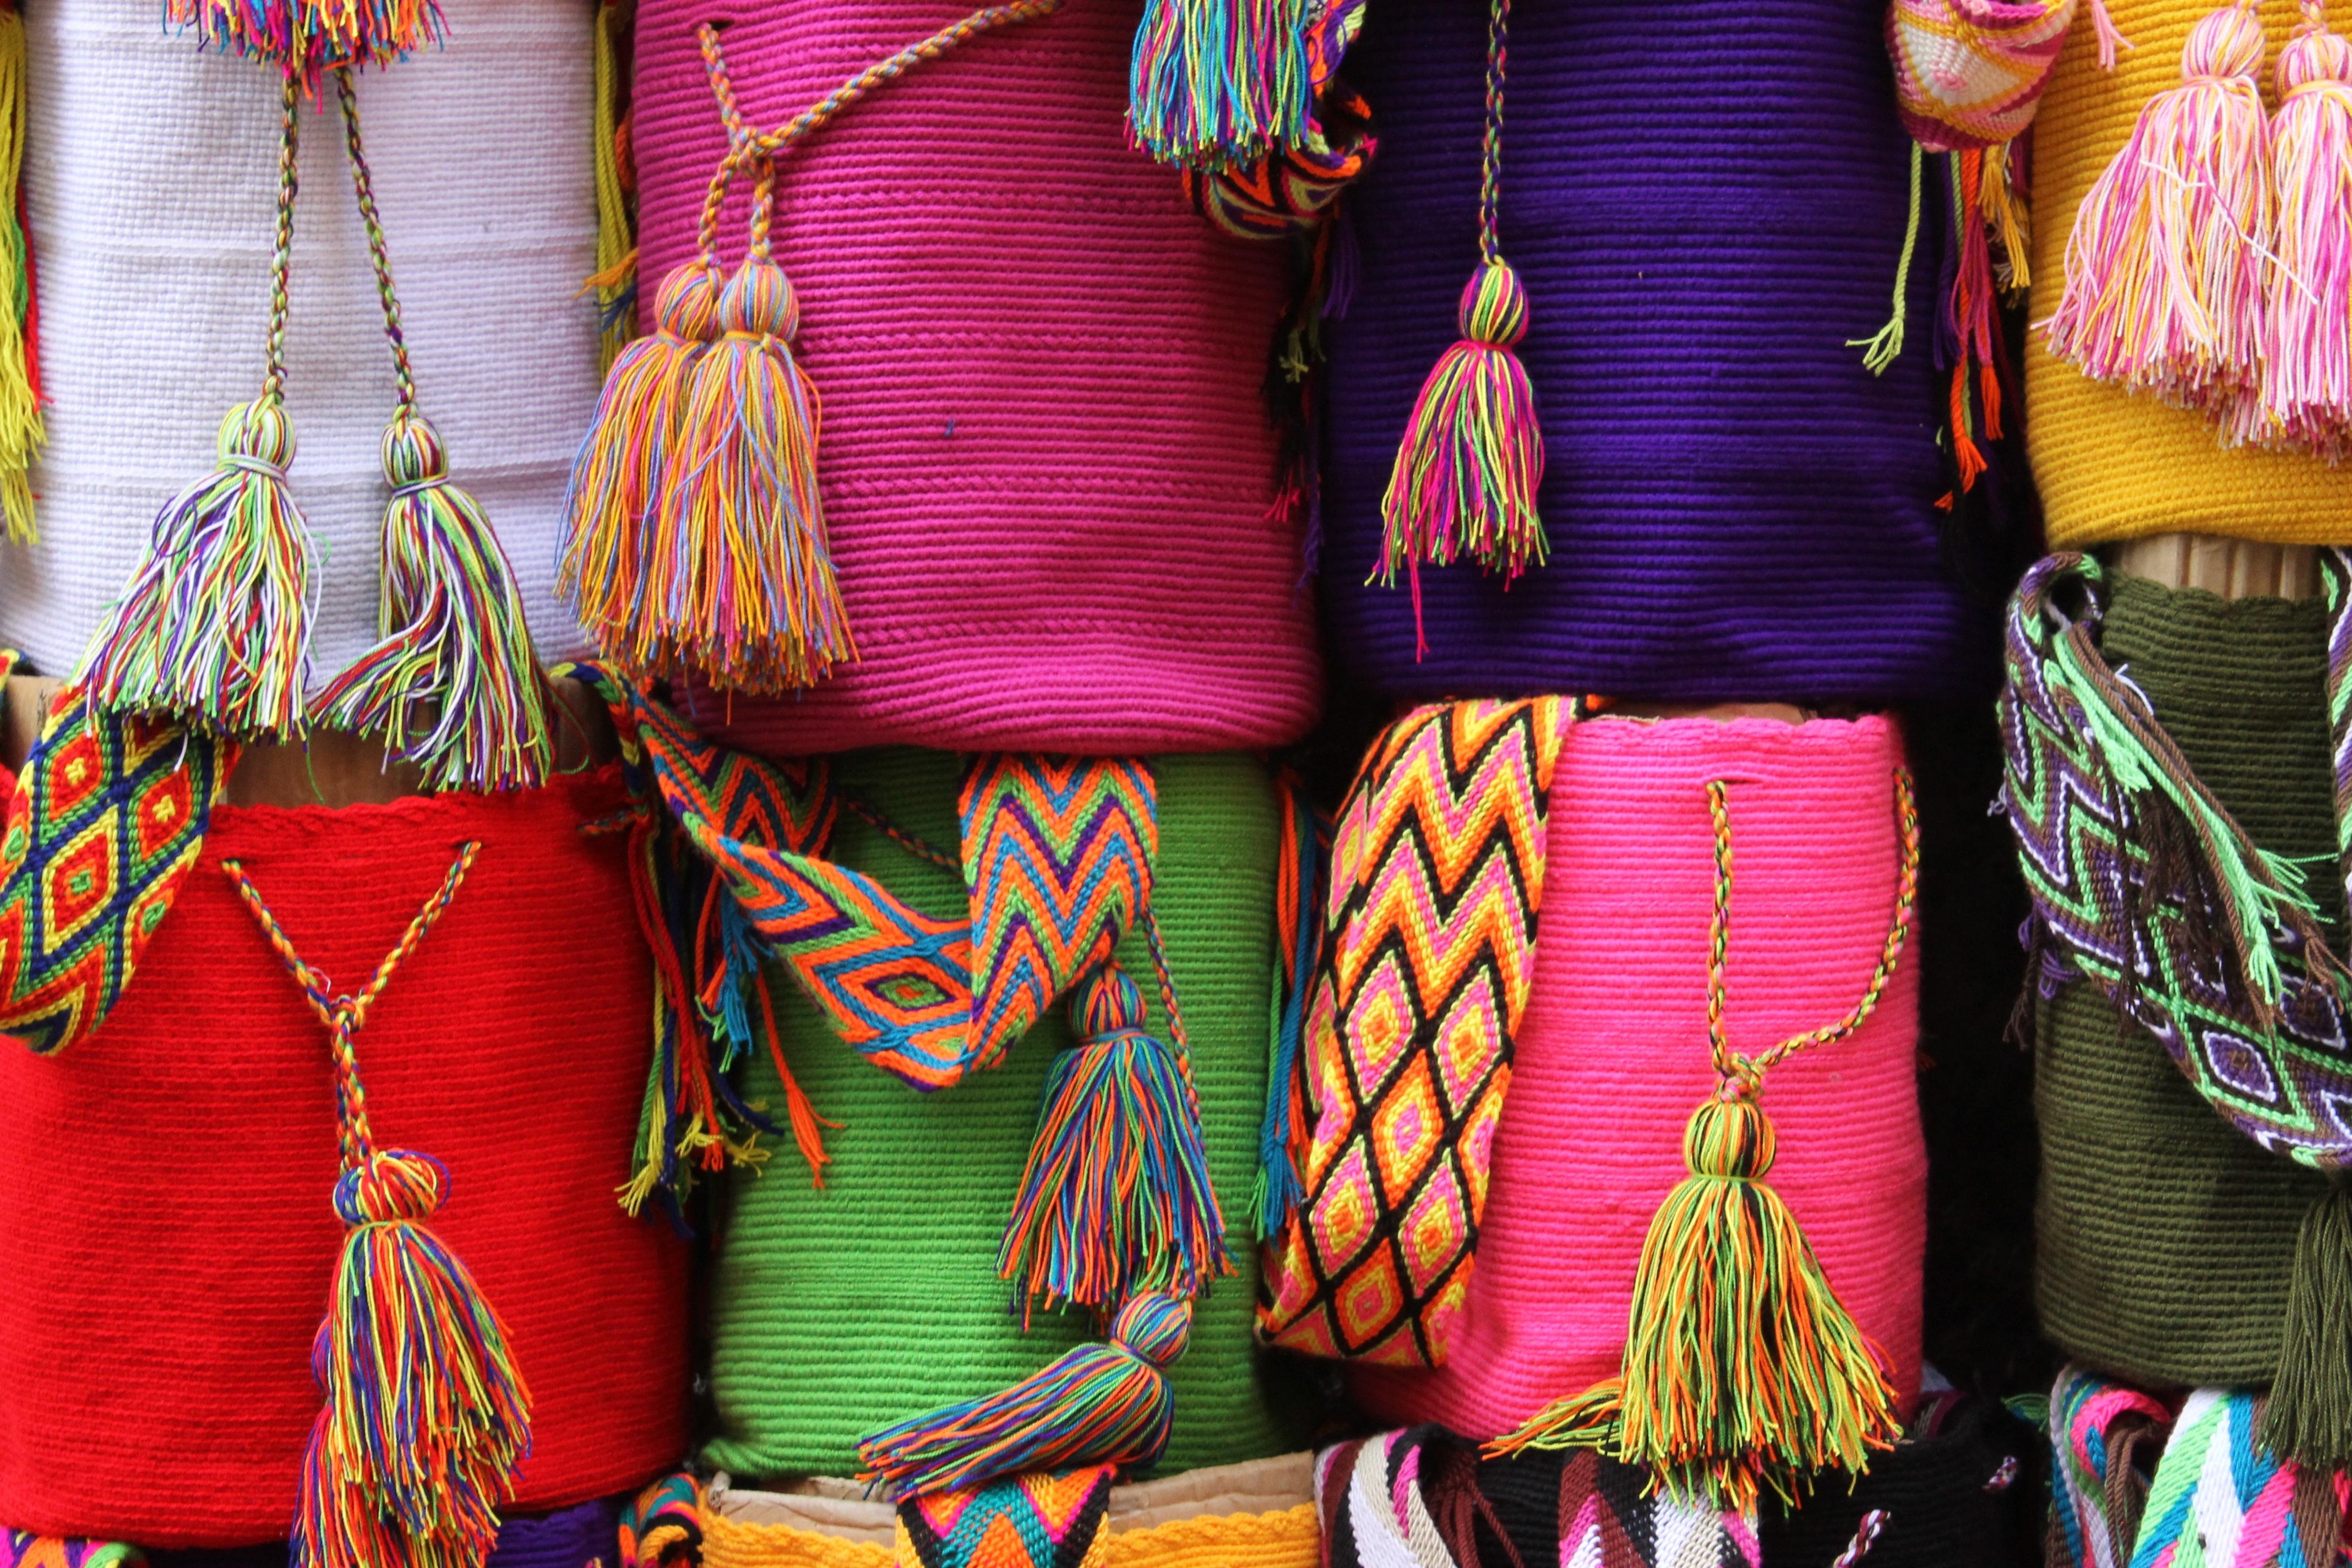 Free Images : pattern, shop, color, bag, colorful, textile